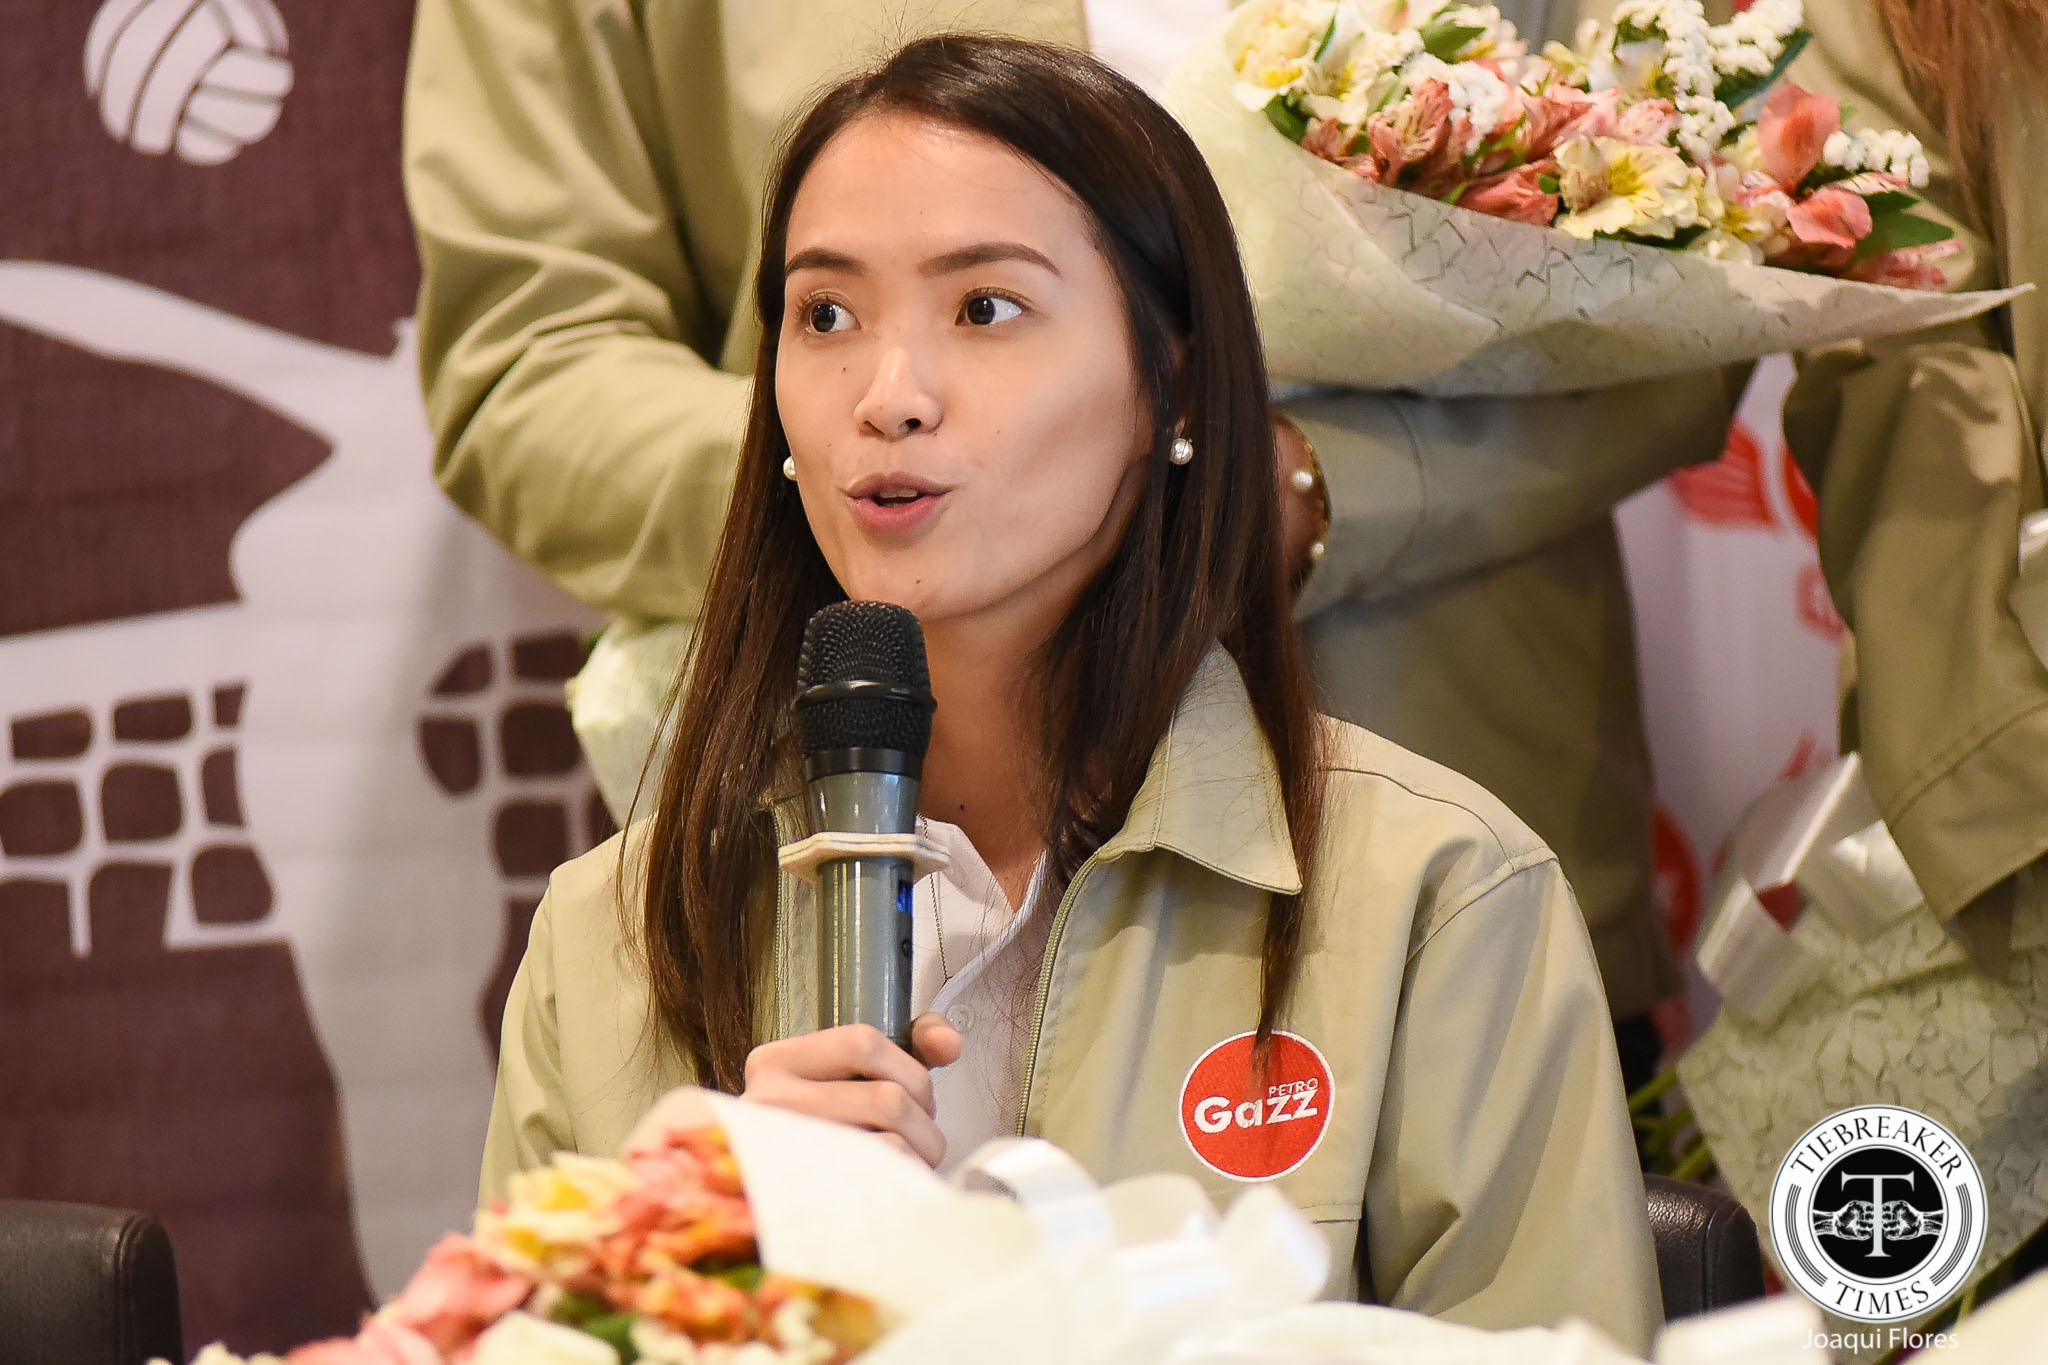 Petro-Gazz-presscon-Camille-Cruz-5043 Cruz twins to help Petro Gazz identify Fil-Am talents News PVL Volleyball  - philippine sports news